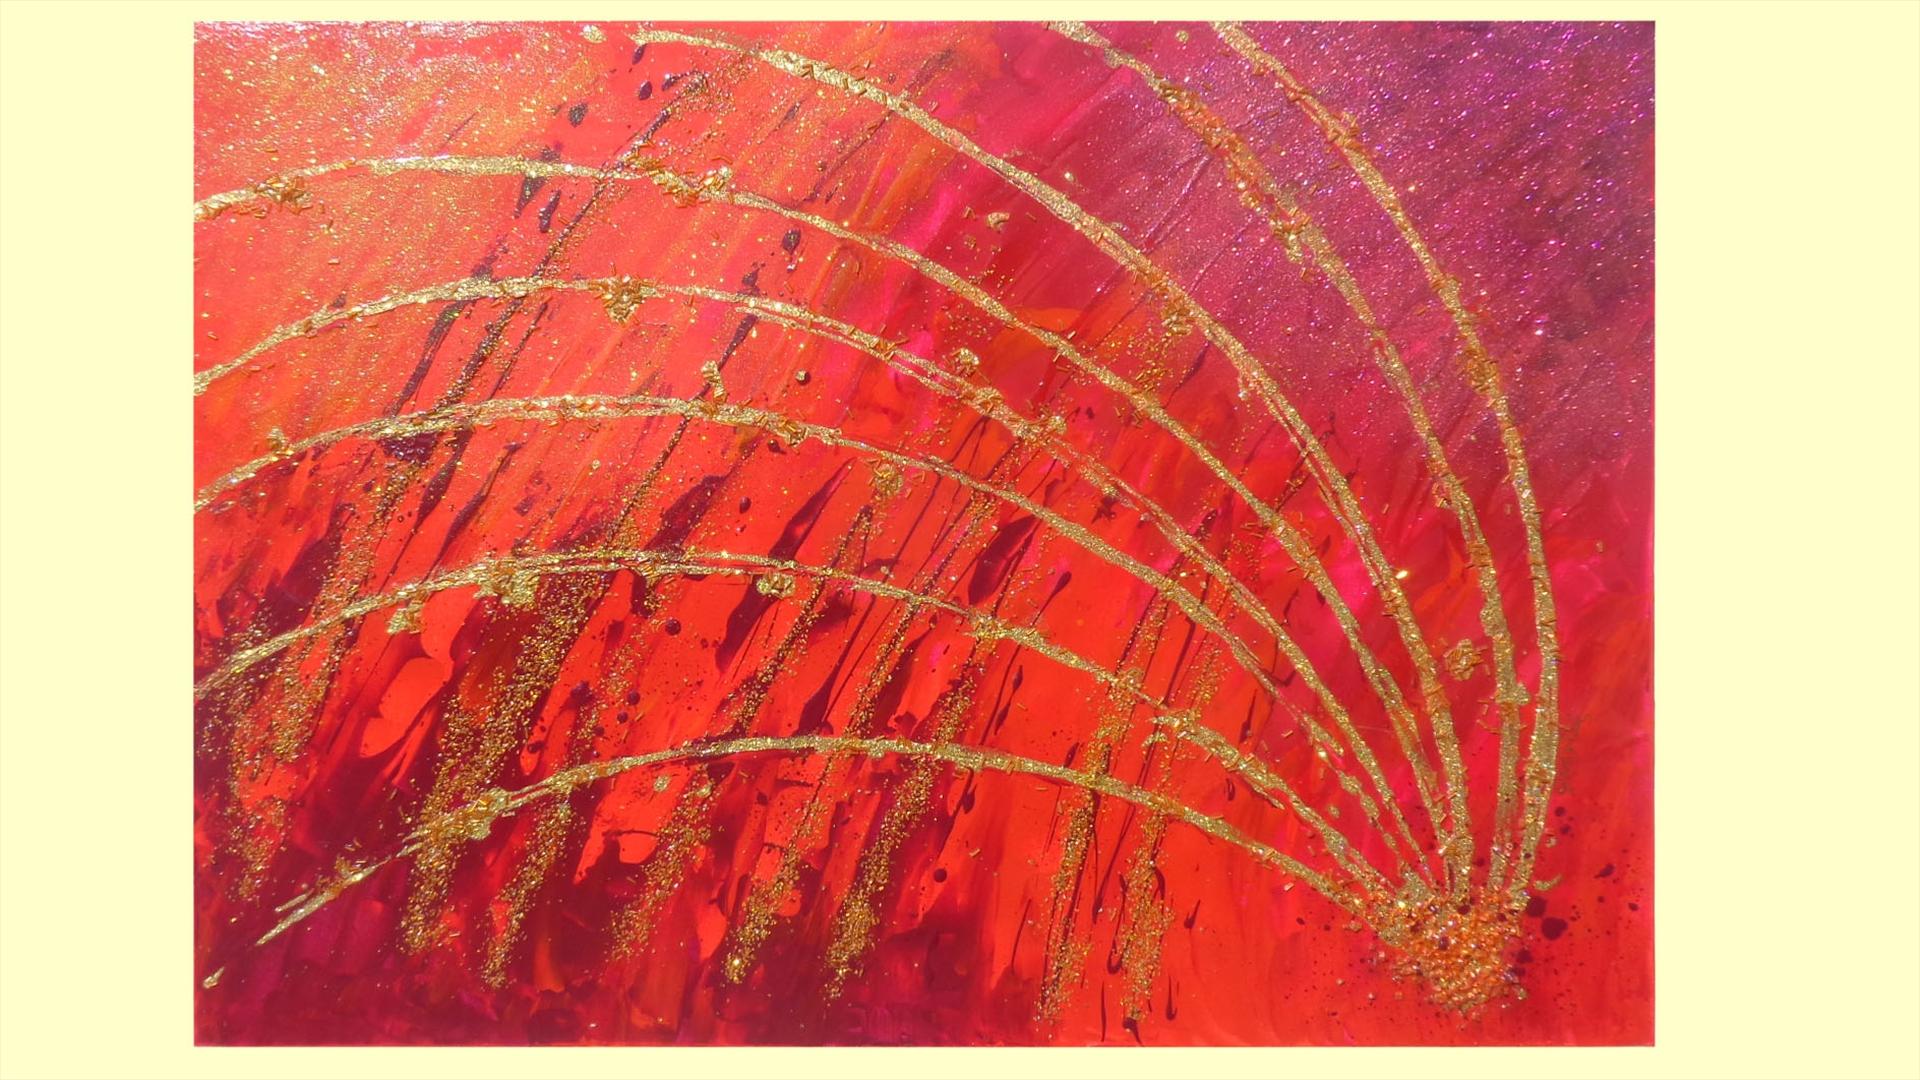 Sfavillio in rosso vendita quadri online quadri for Immagini quadri astratti moderni